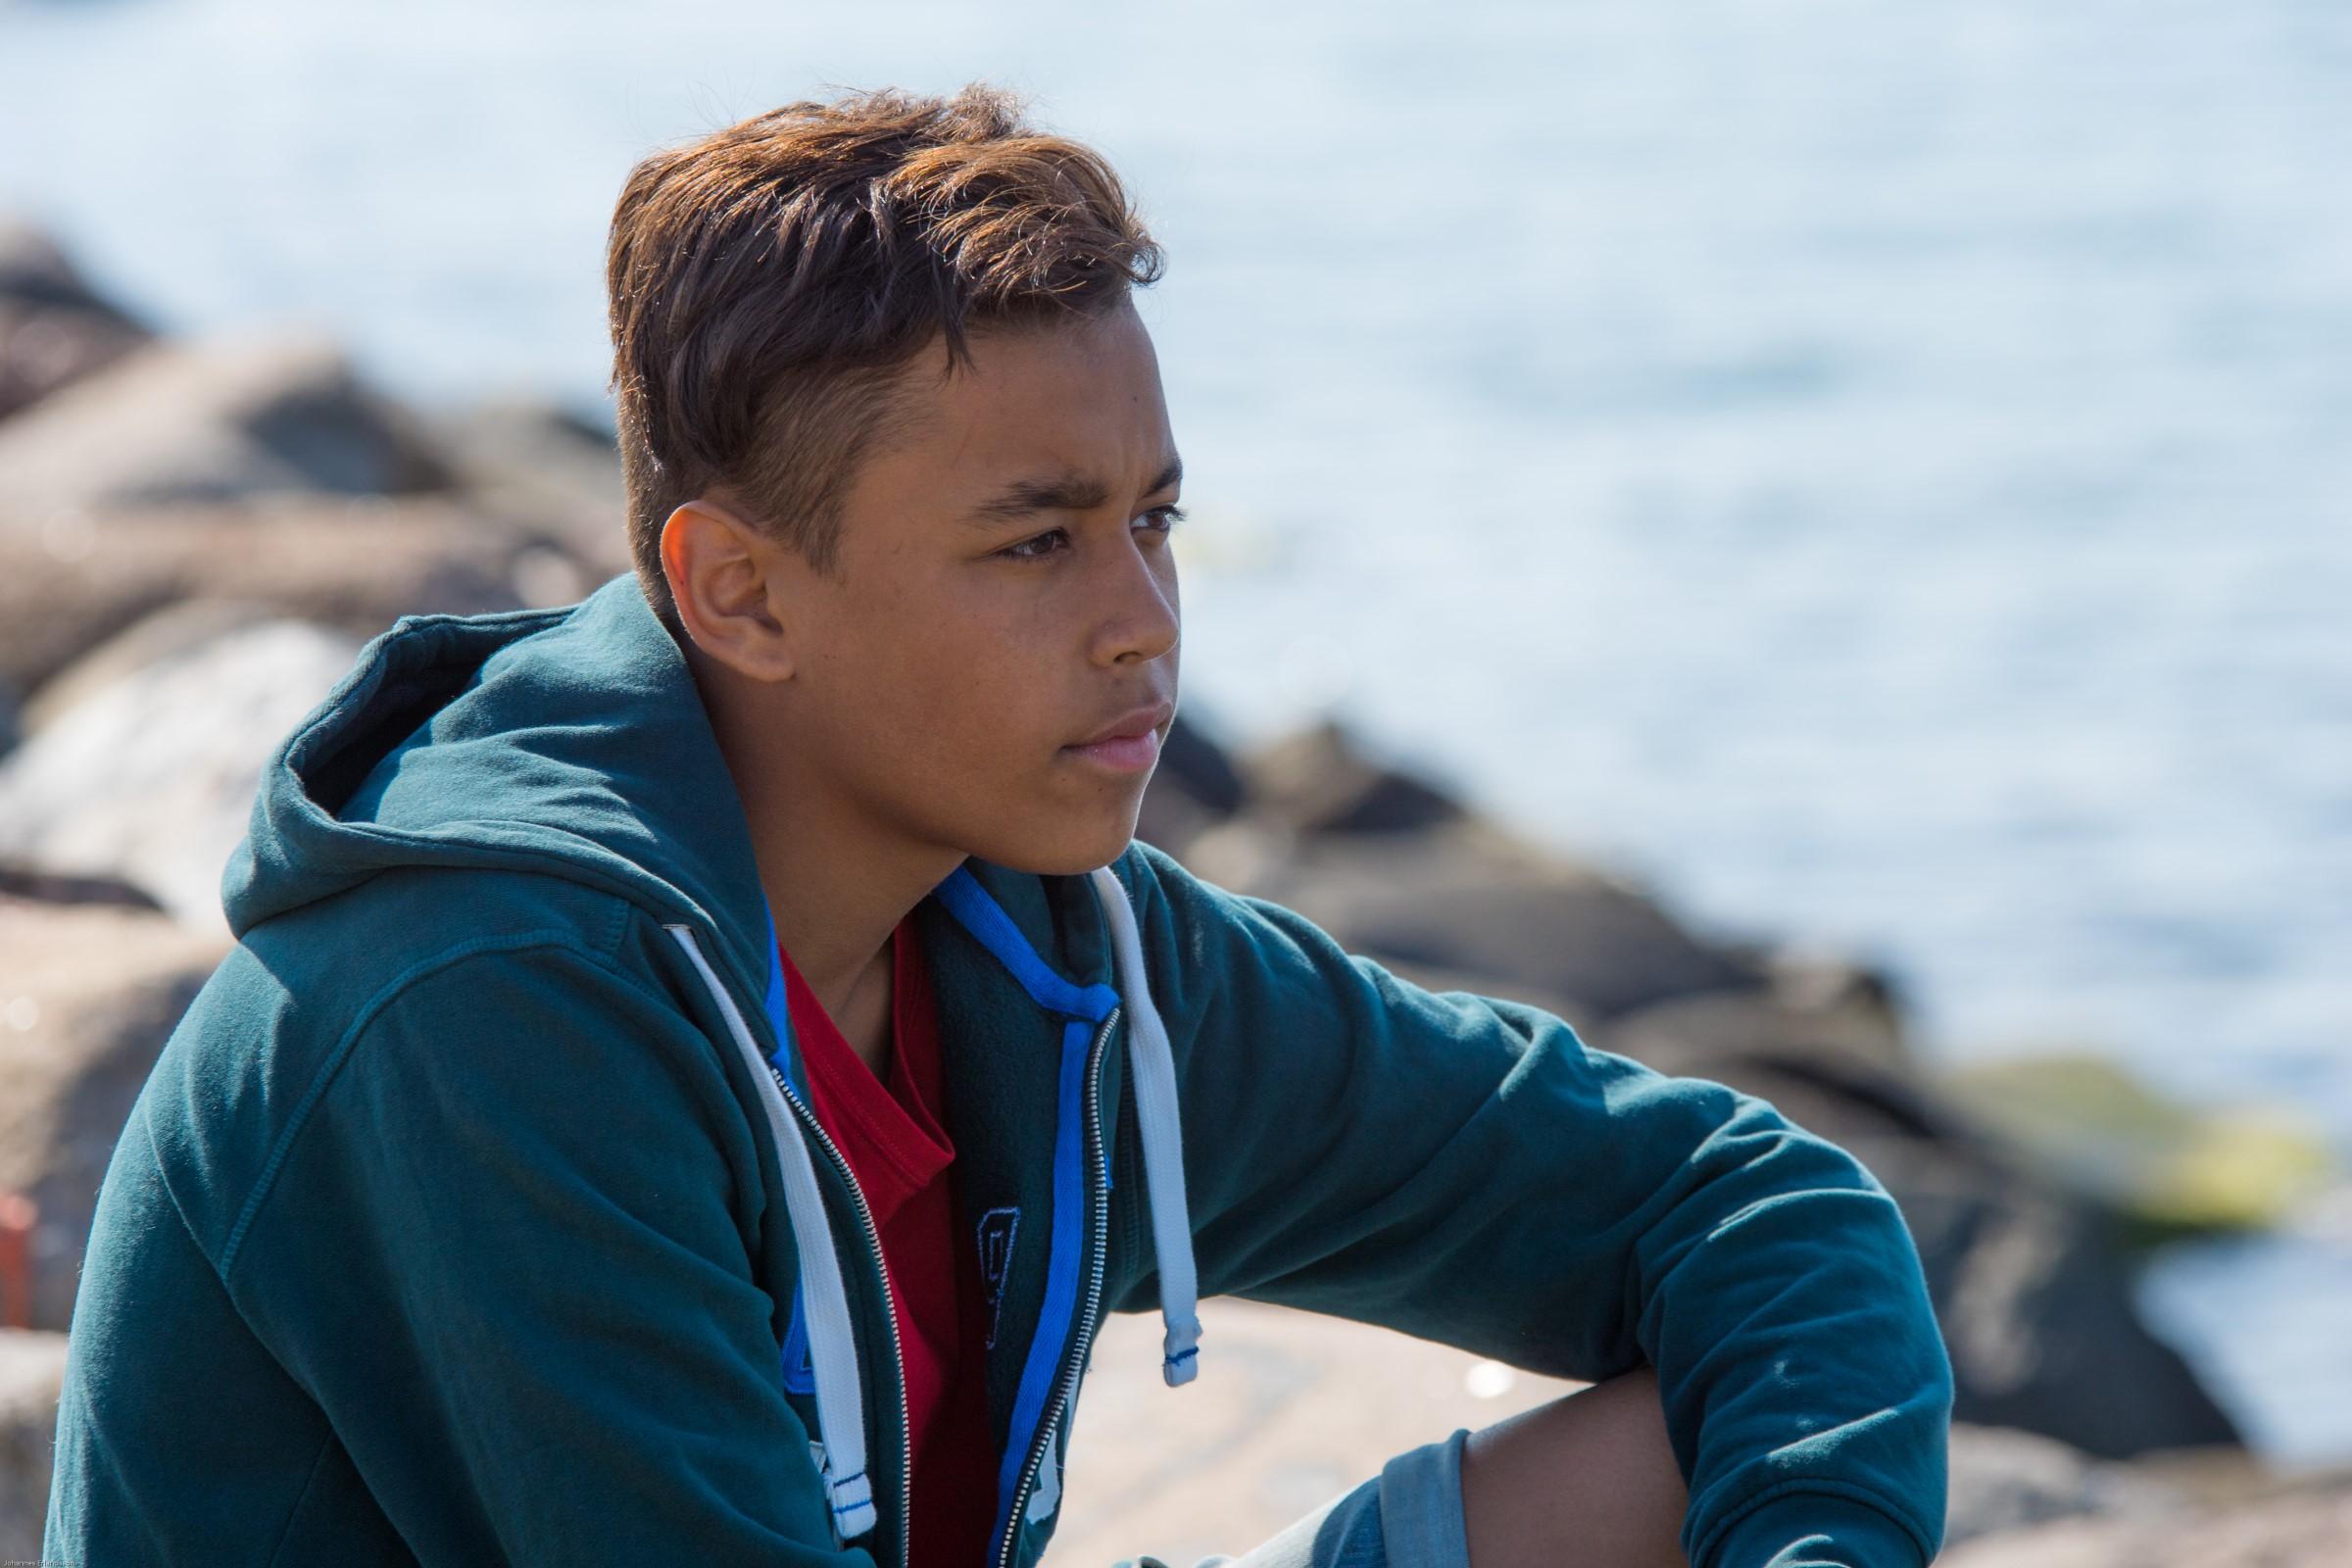 Bilde av en tankefull ung gutt som sitter ved vannet